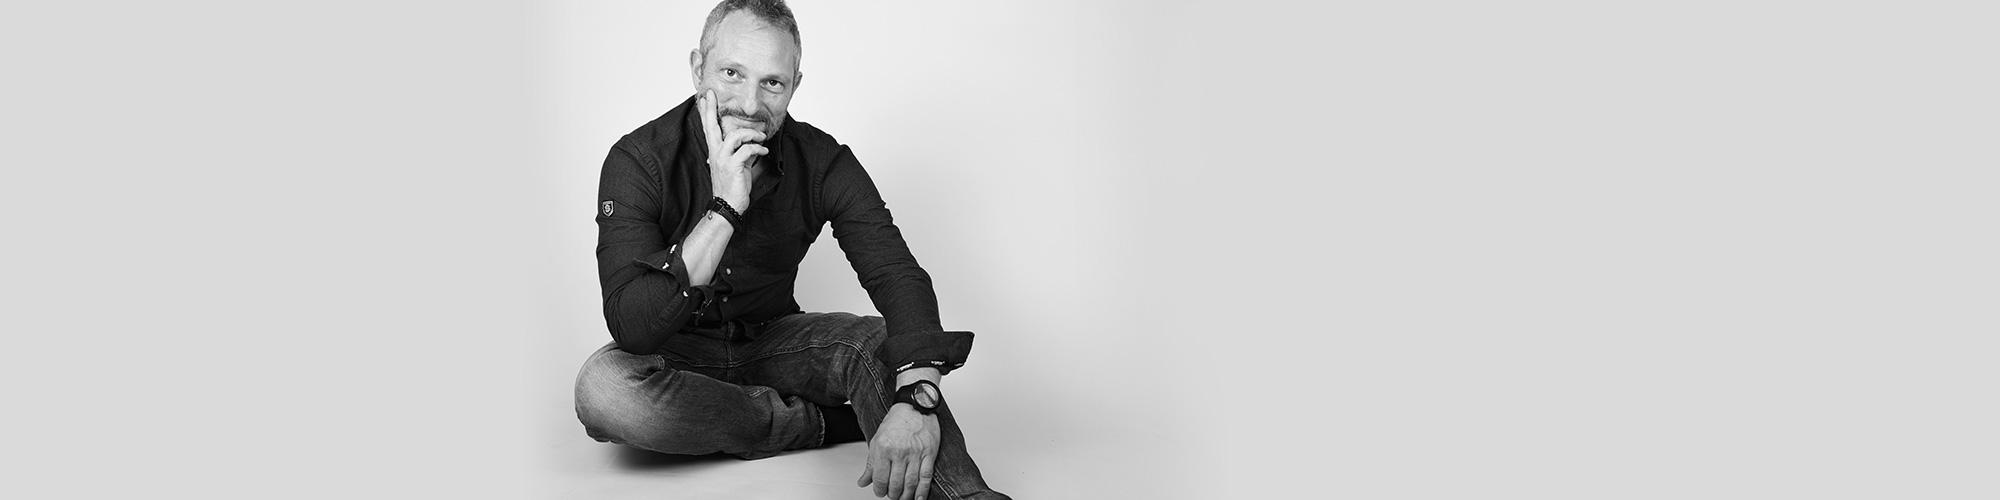 Jesper Rask massage